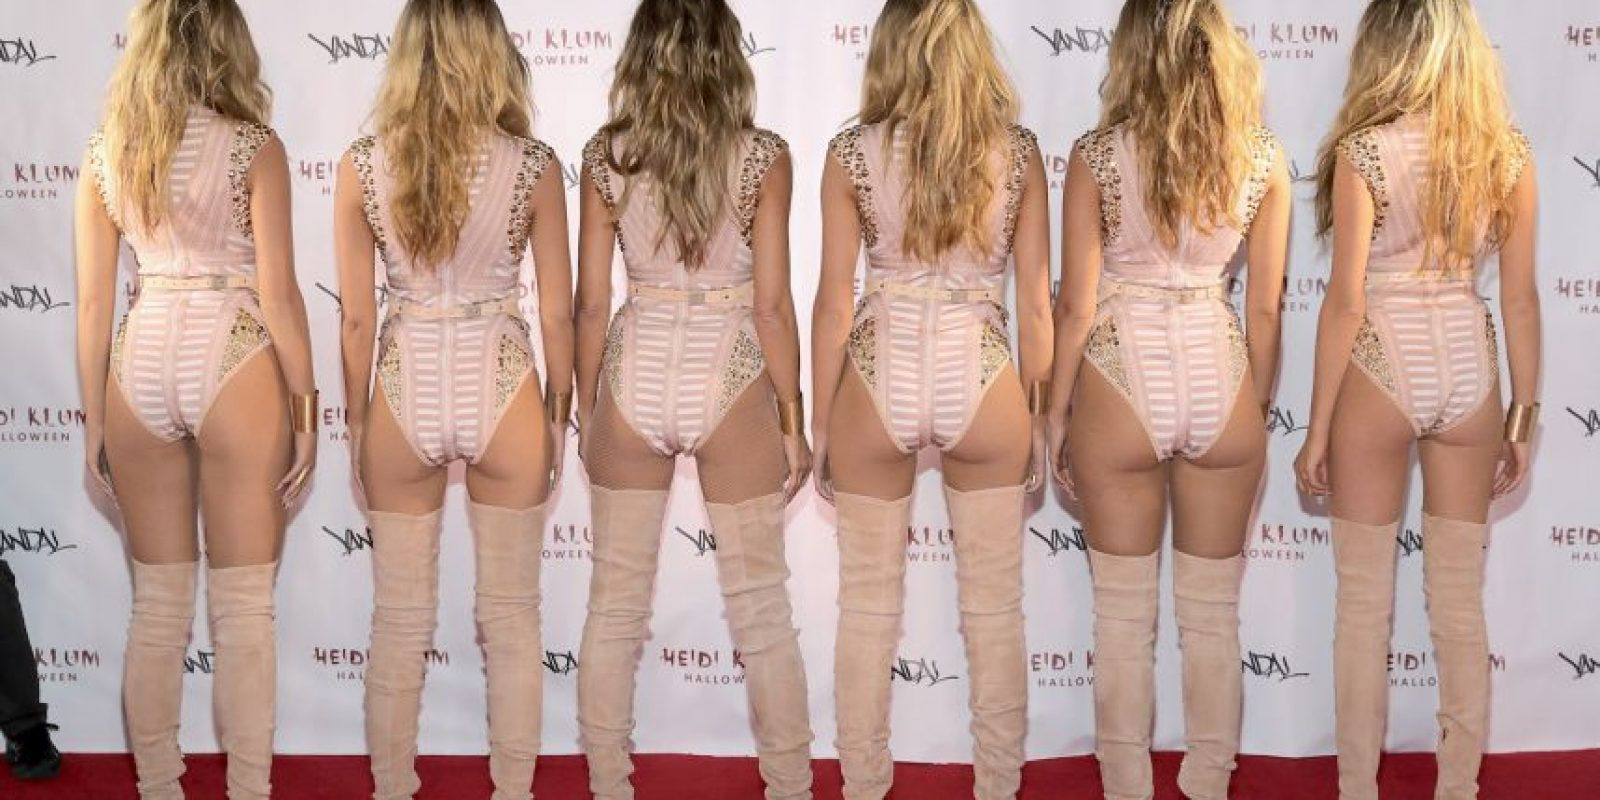 ¿Quiénes fueron las modelos clonadas? Foto:Getty Images